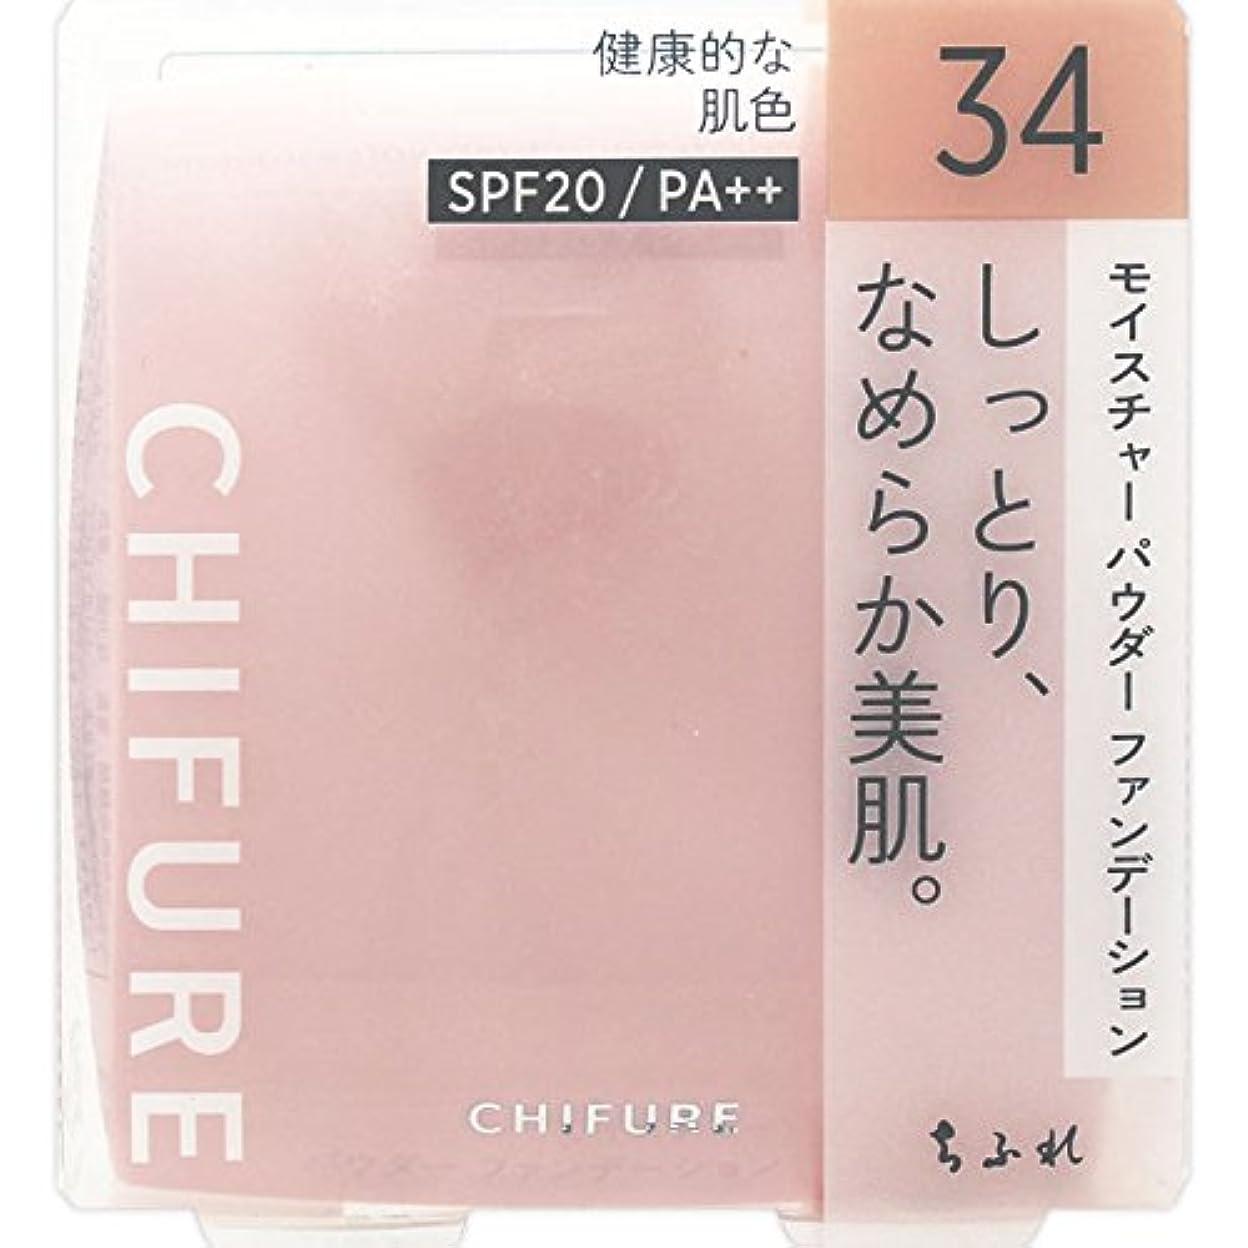 衰える現金いくつかのちふれ化粧品 モイスチャー パウダーファンデーション(スポンジ入り) 34 オークル系 MパウダーFD34